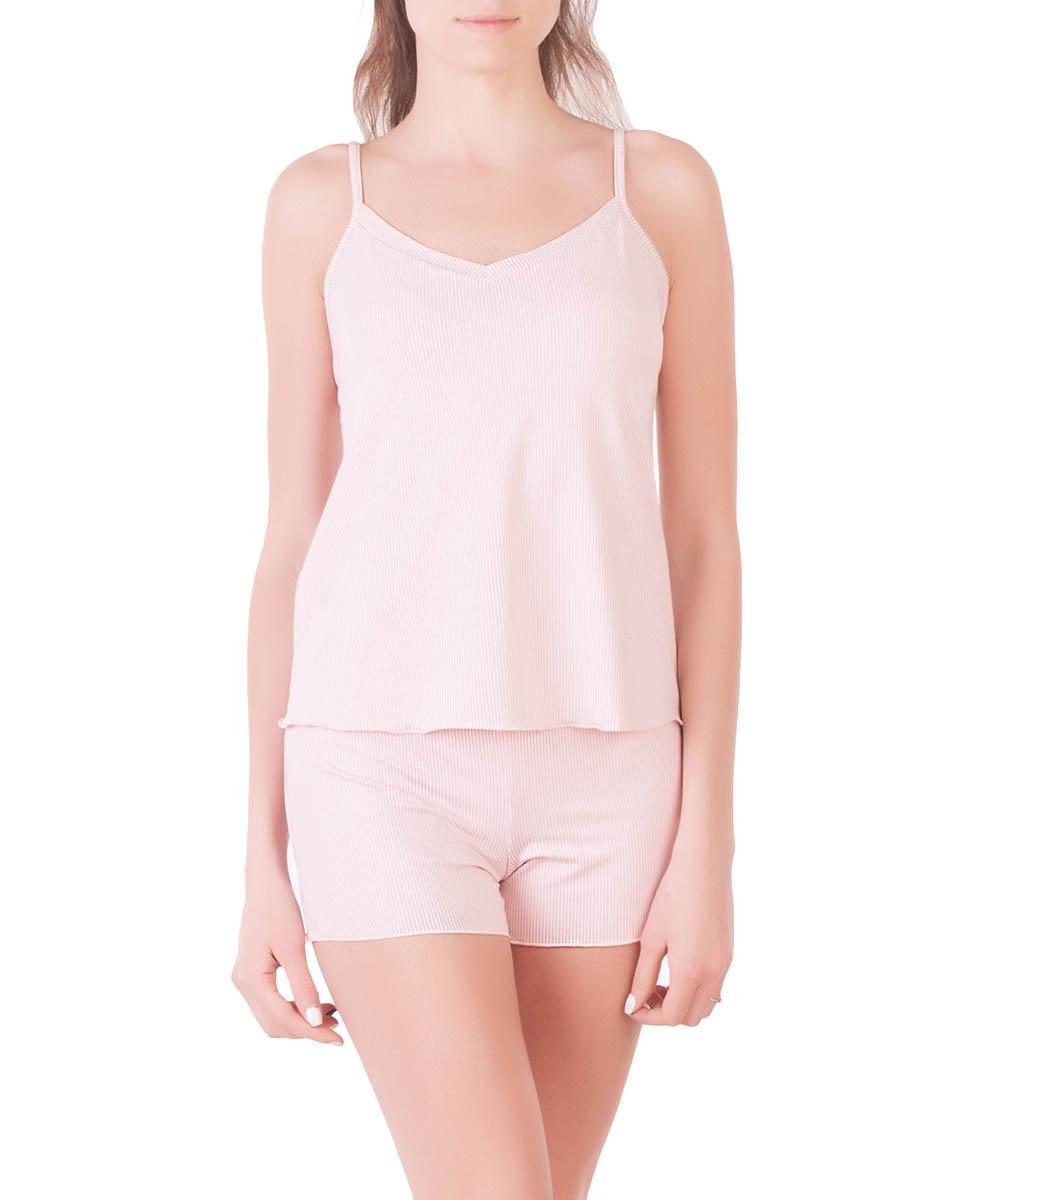 Пижама Serge пижама женская serge 5685 рост 170 см розовый